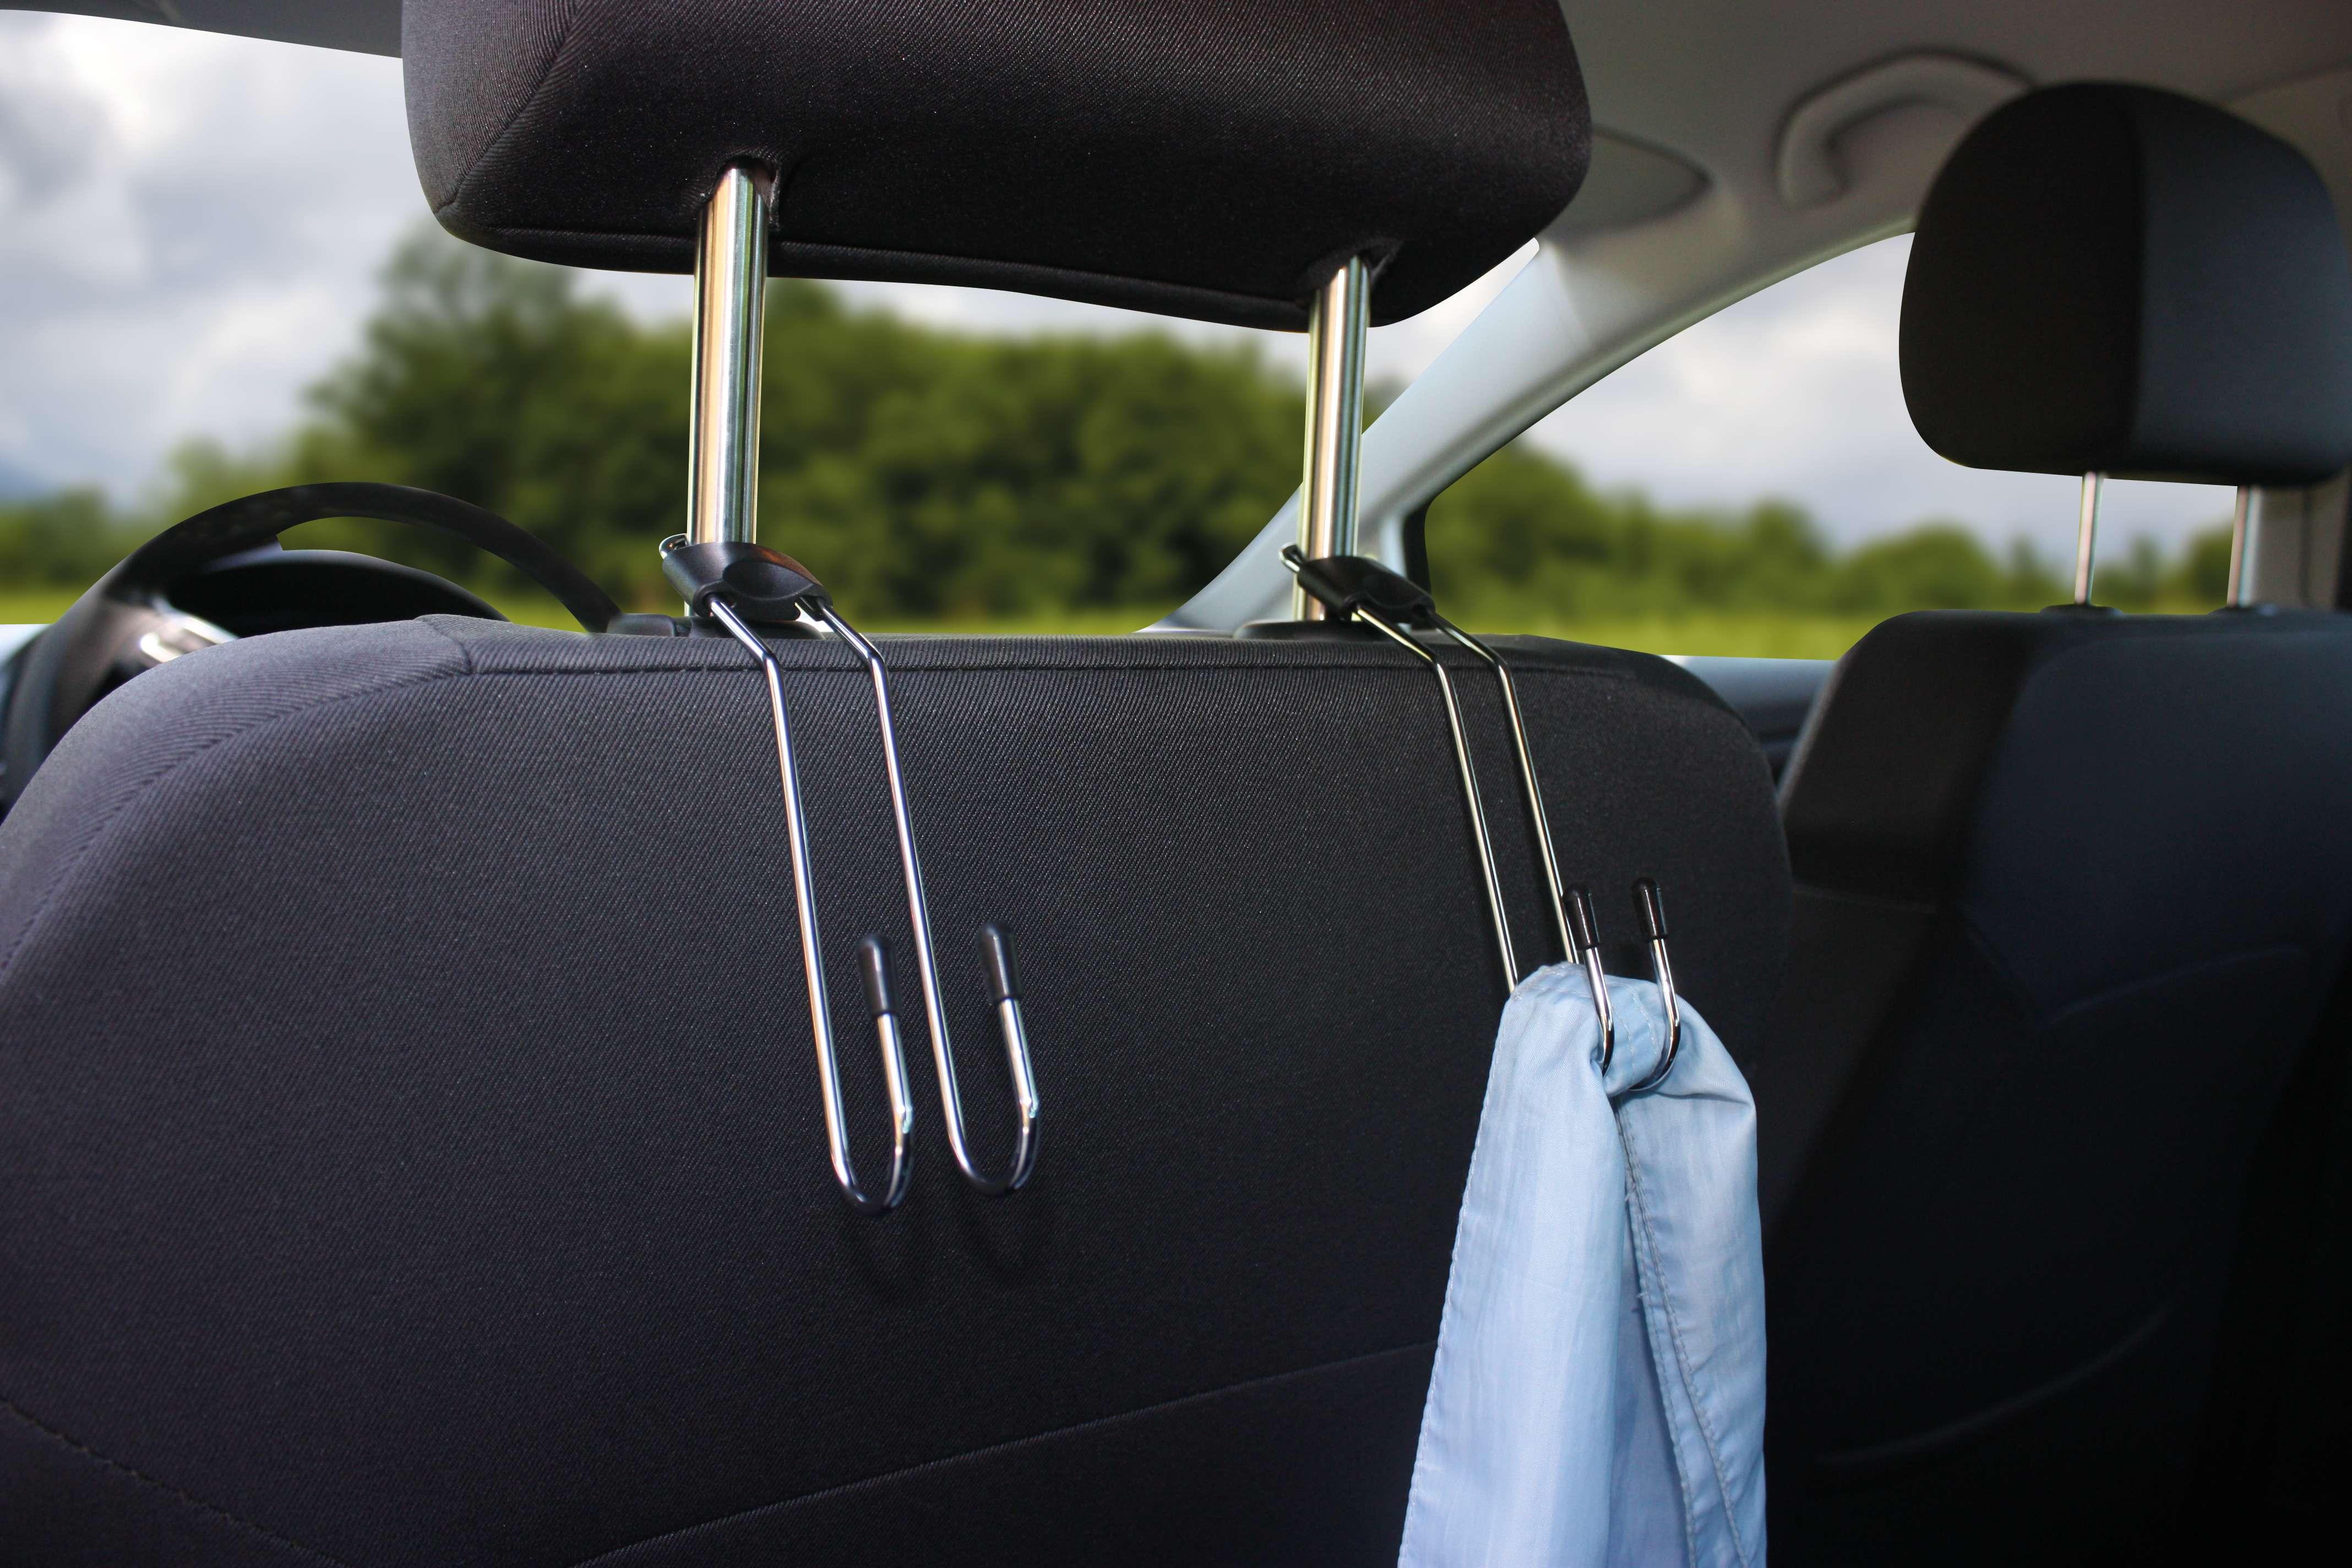 Kopfstützenhaken Haken Kleiderhaken Haken für Einkaufstaschen 2 Stück